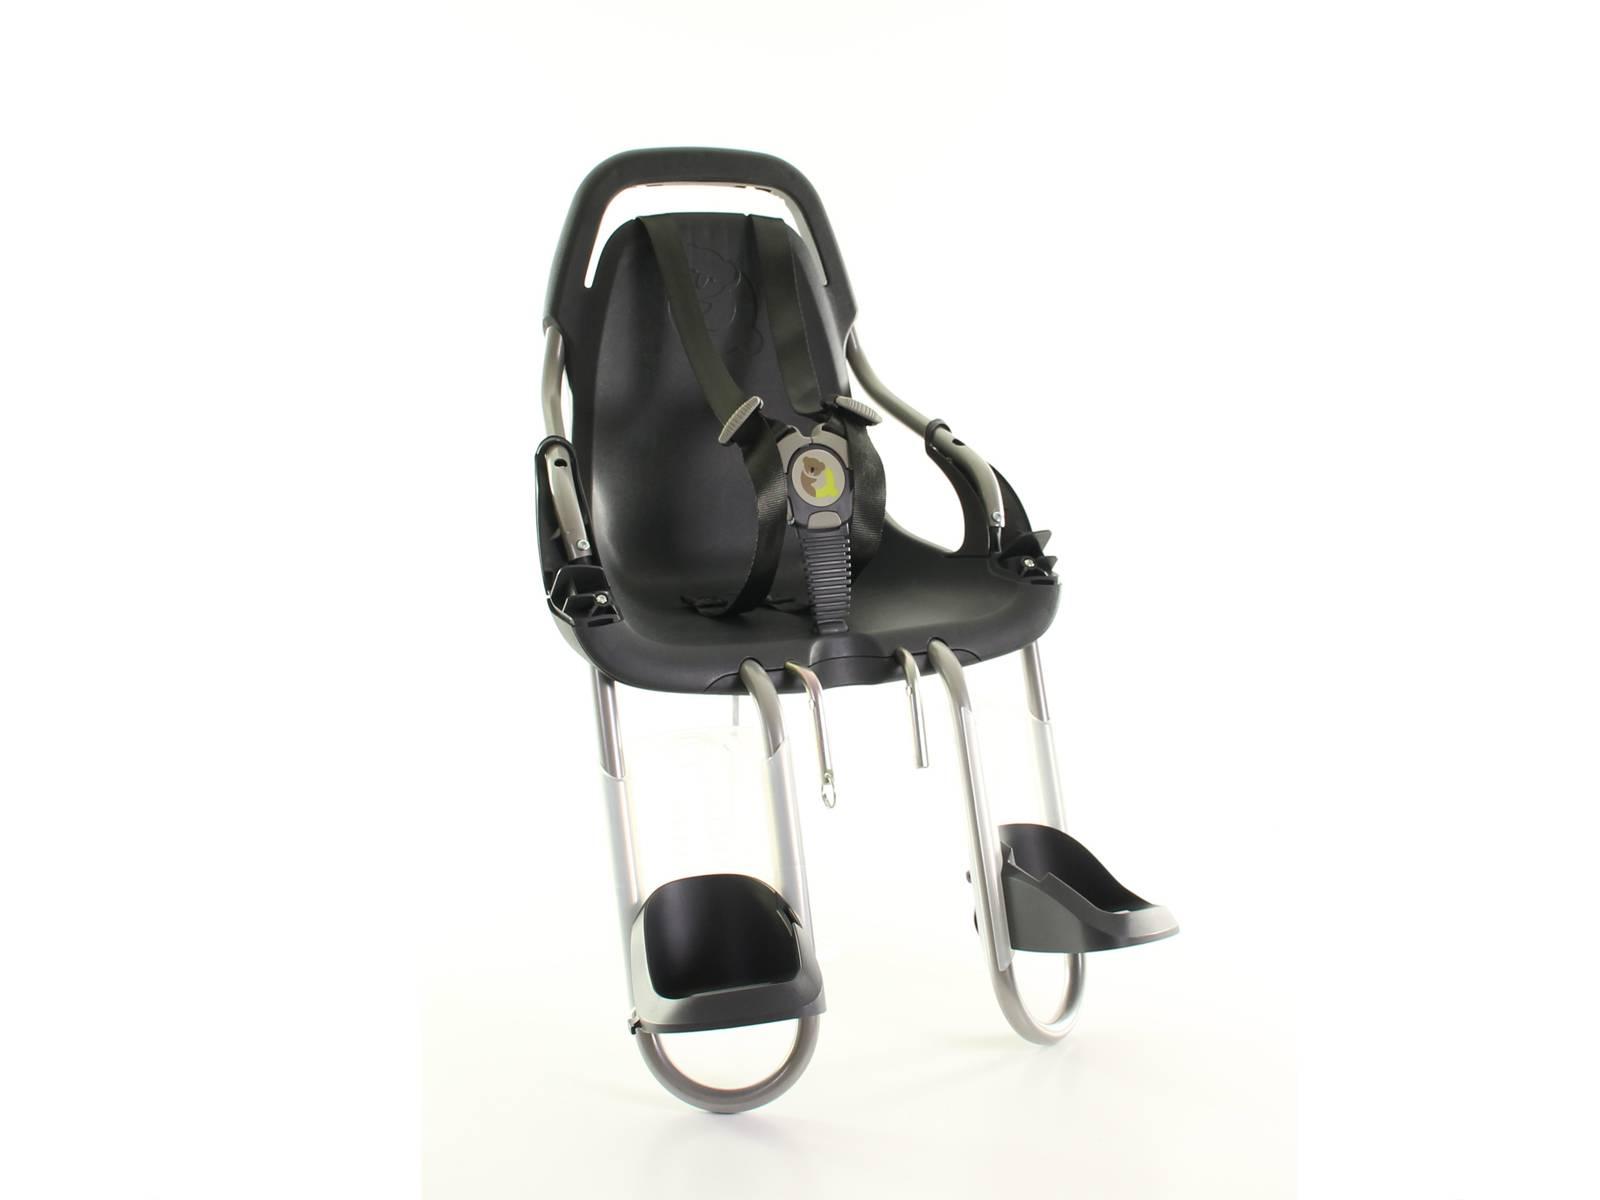 Qibbel siège d'enfant avant élément de base noir